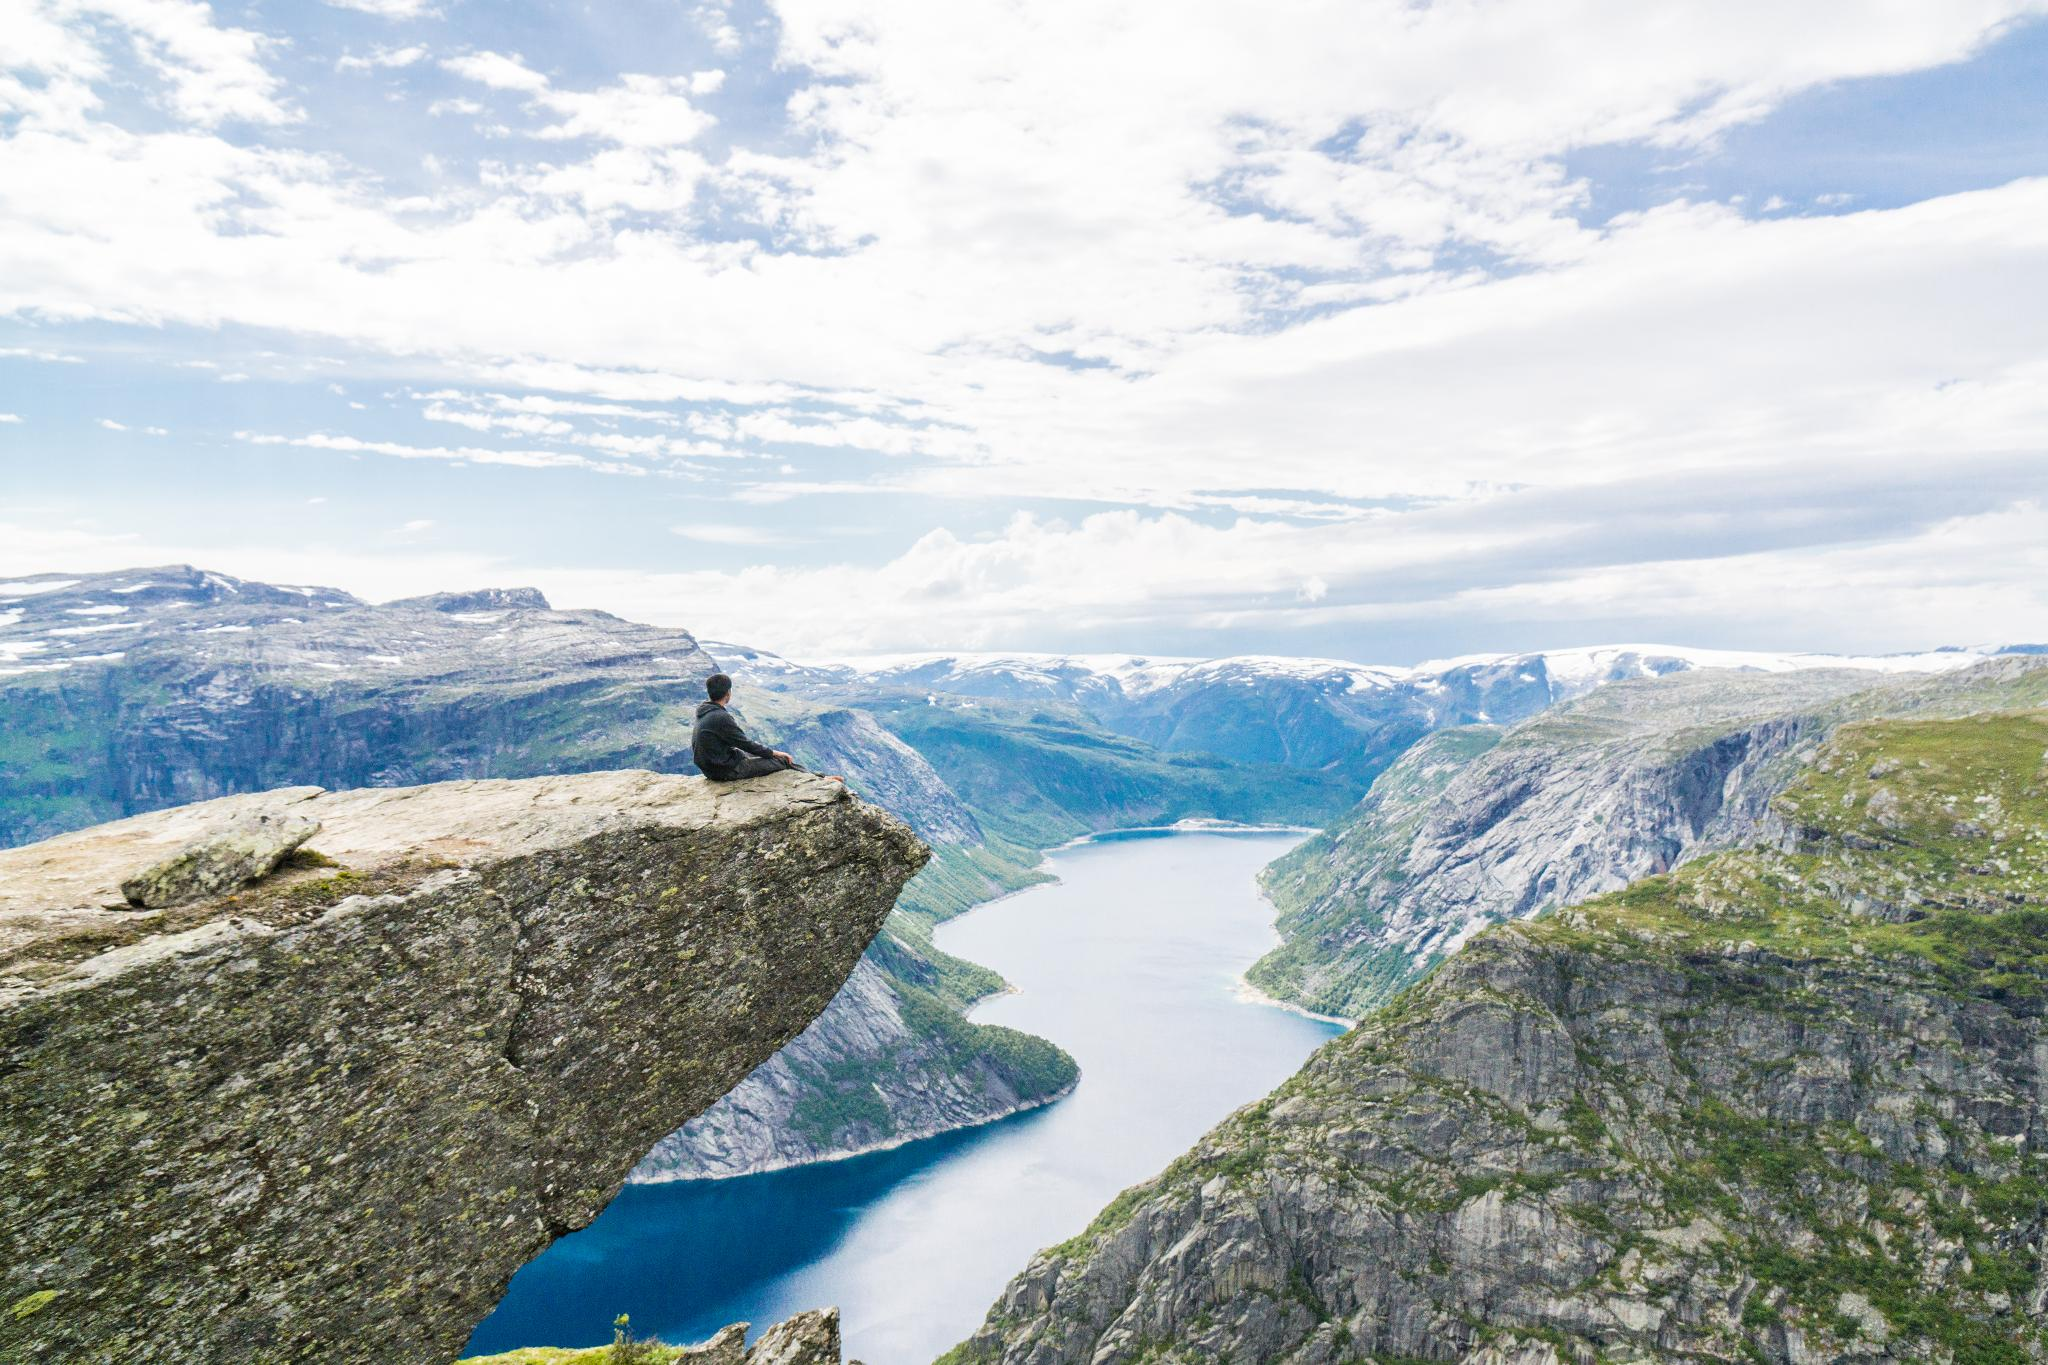 【北歐景點】挪威惡魔之舌 Trolltunga — 28公里健行挑戰全攻略 164